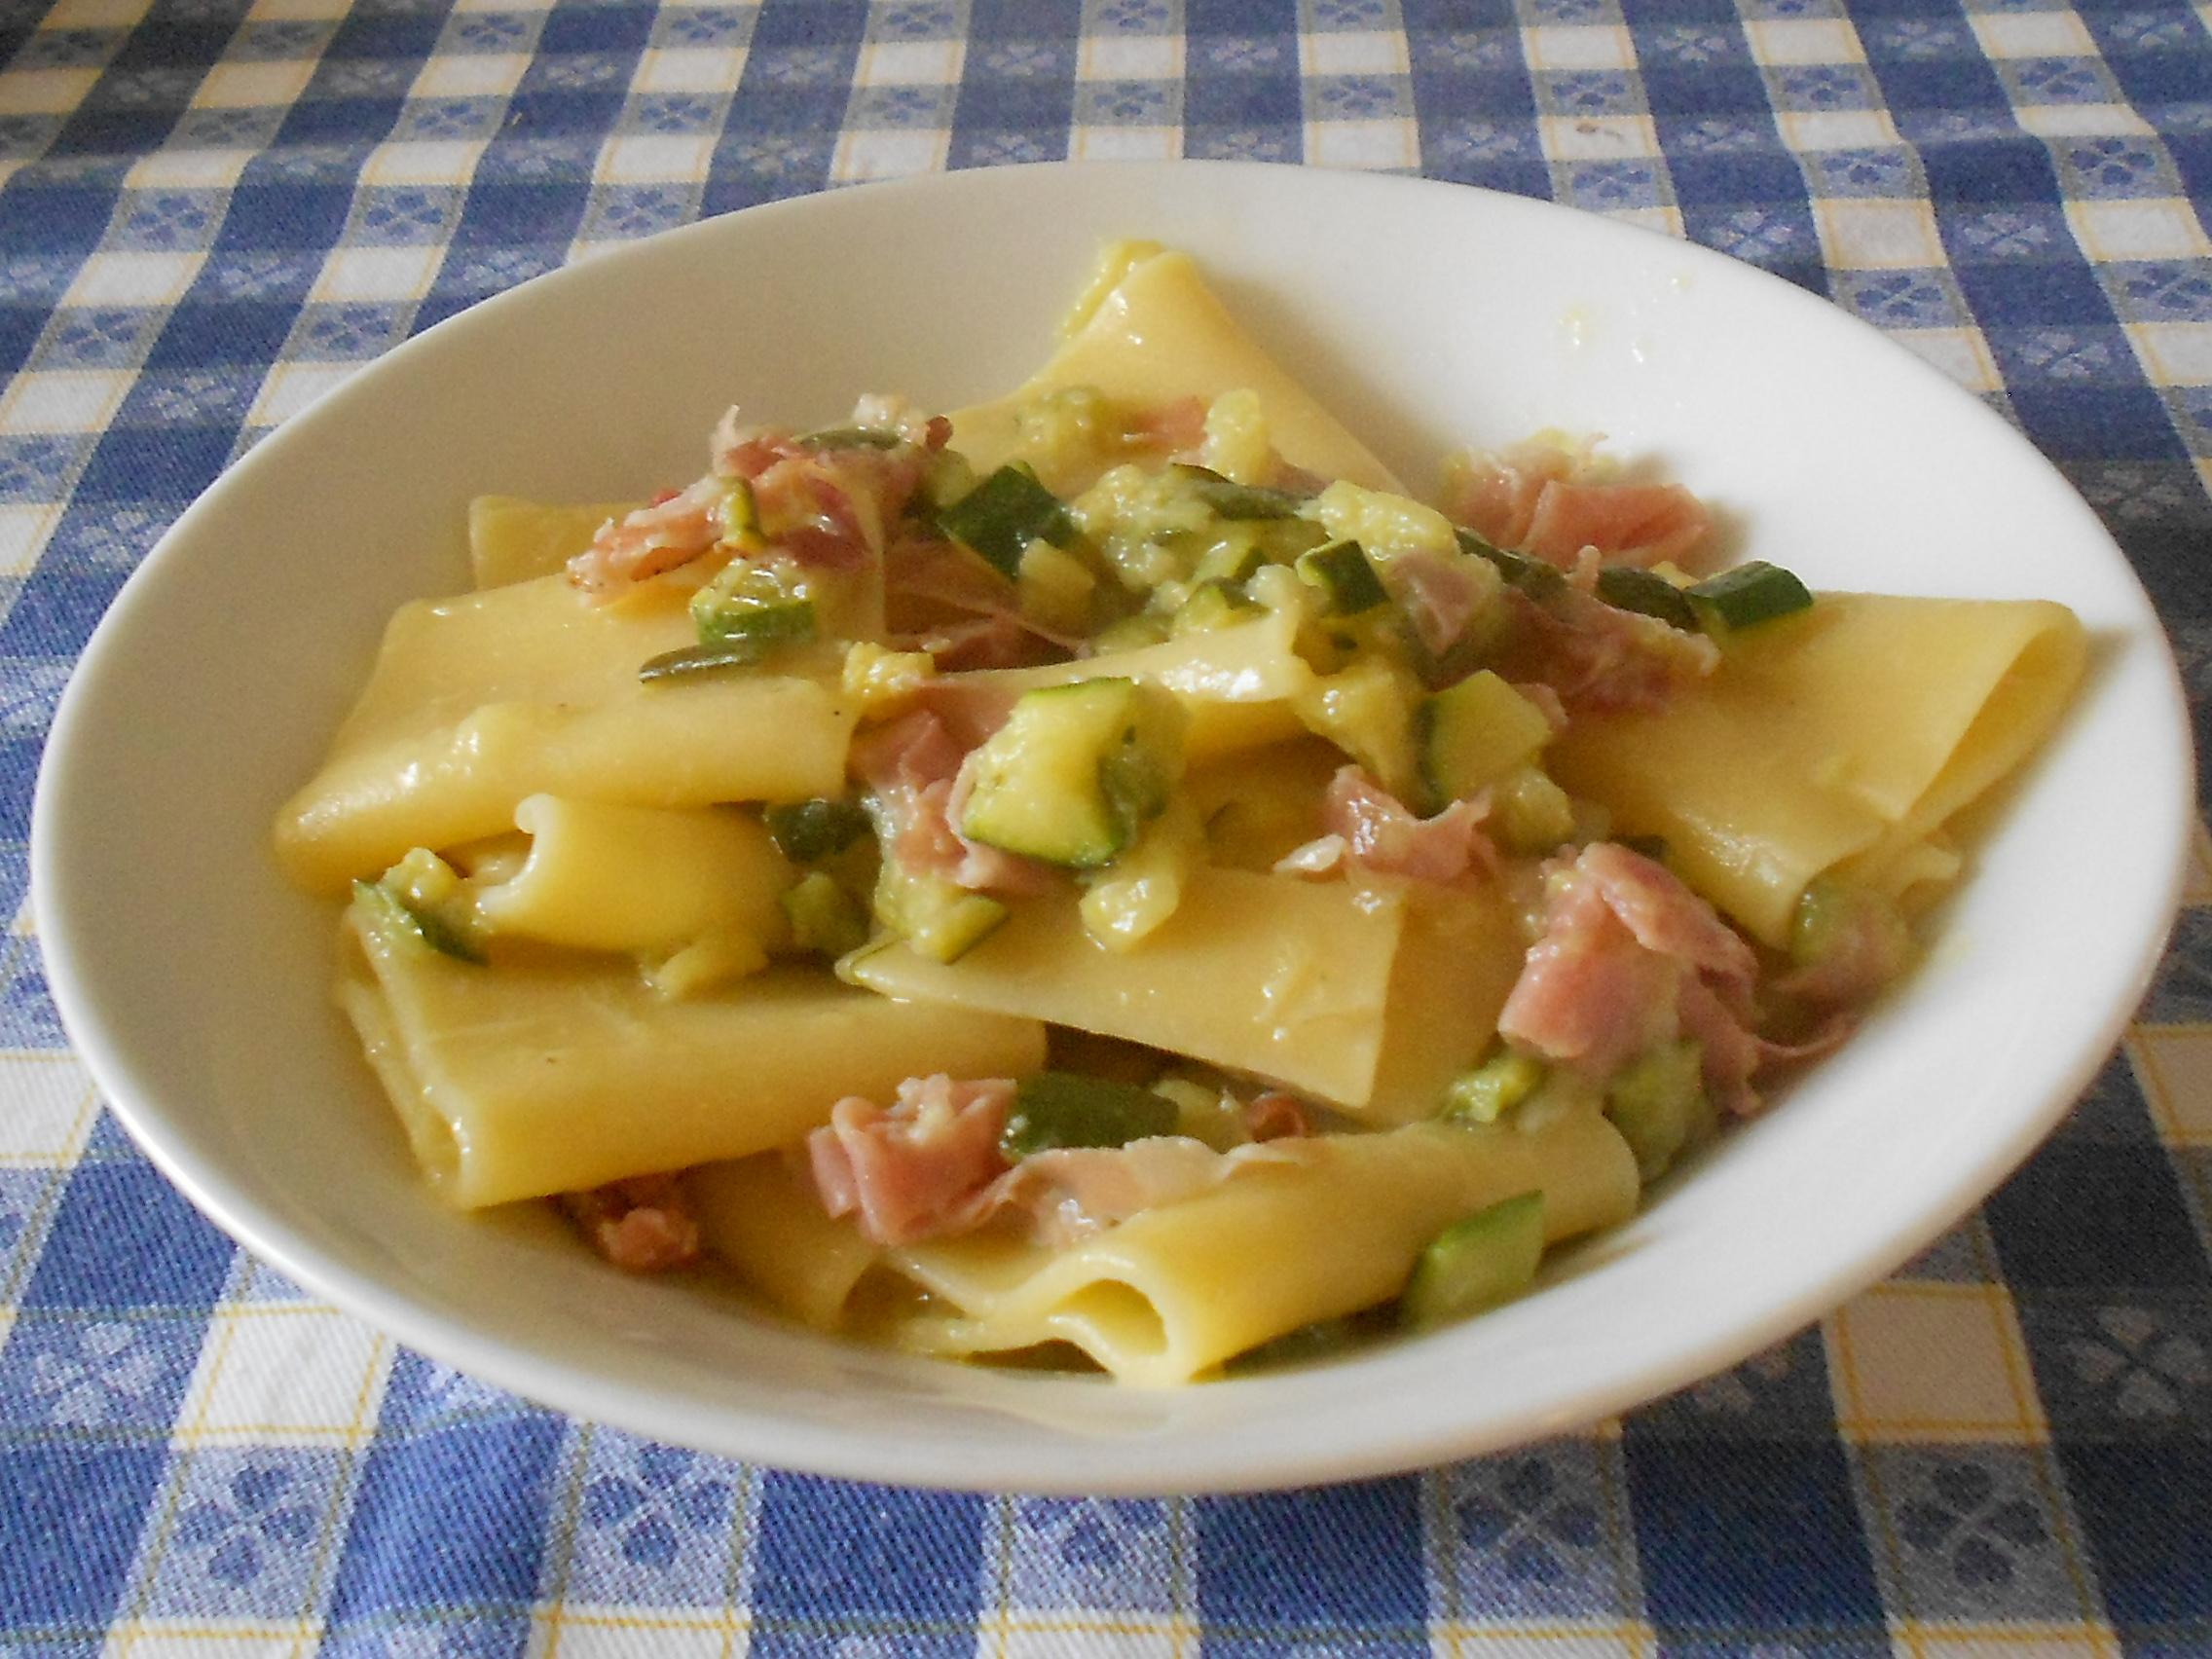 Ricerca ricette con paccheri zola e speck for Migliori siti di ricette di cucina